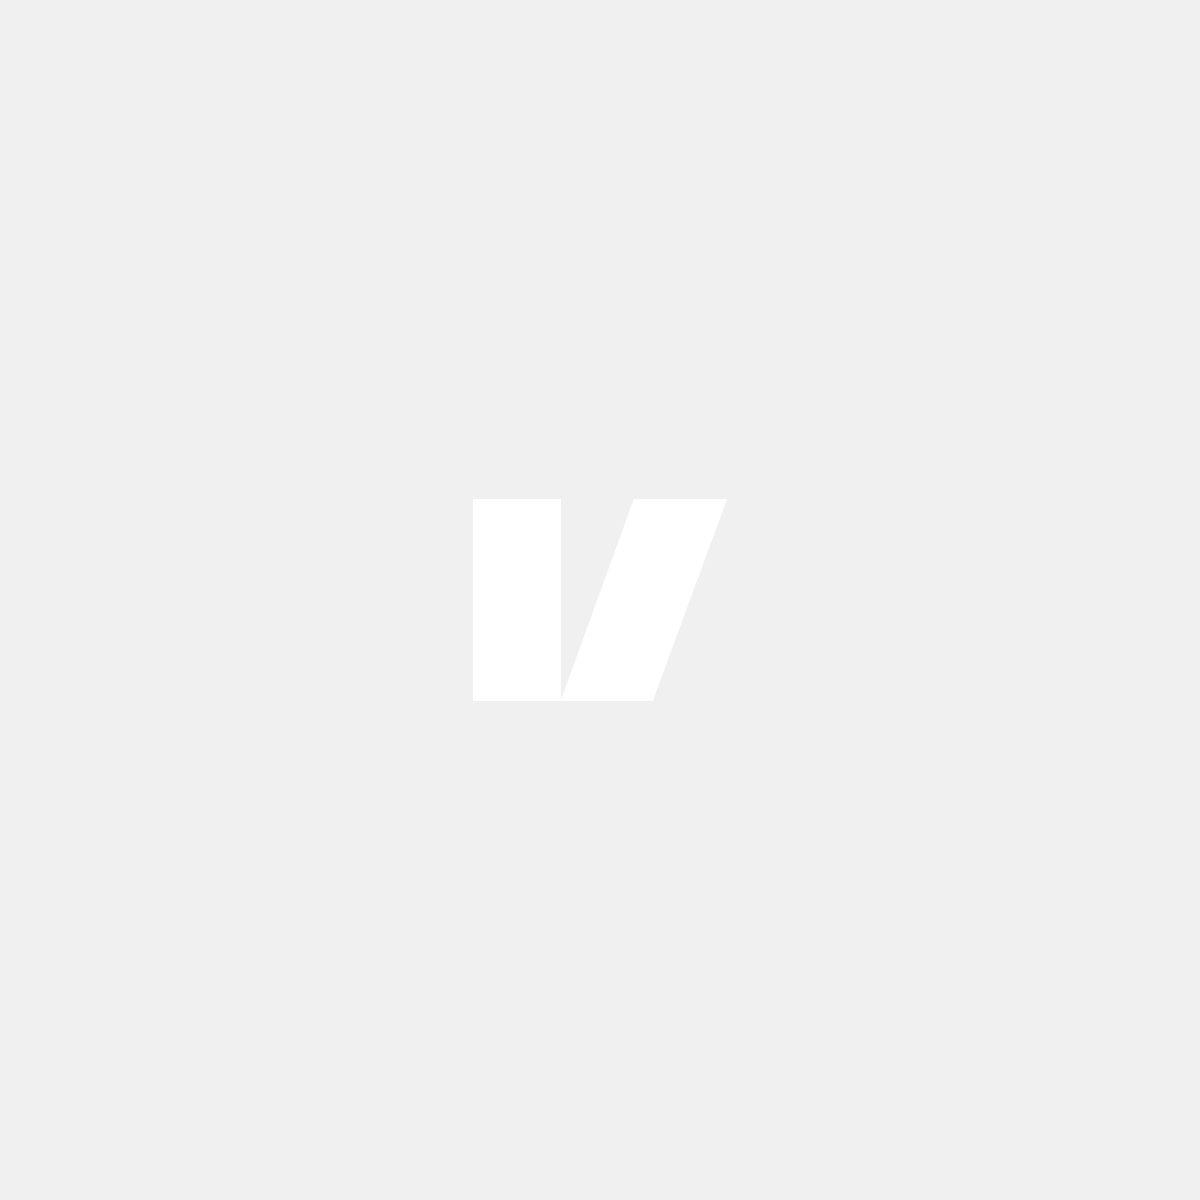 XC-Grill till Volvo S40, V40, helkromad